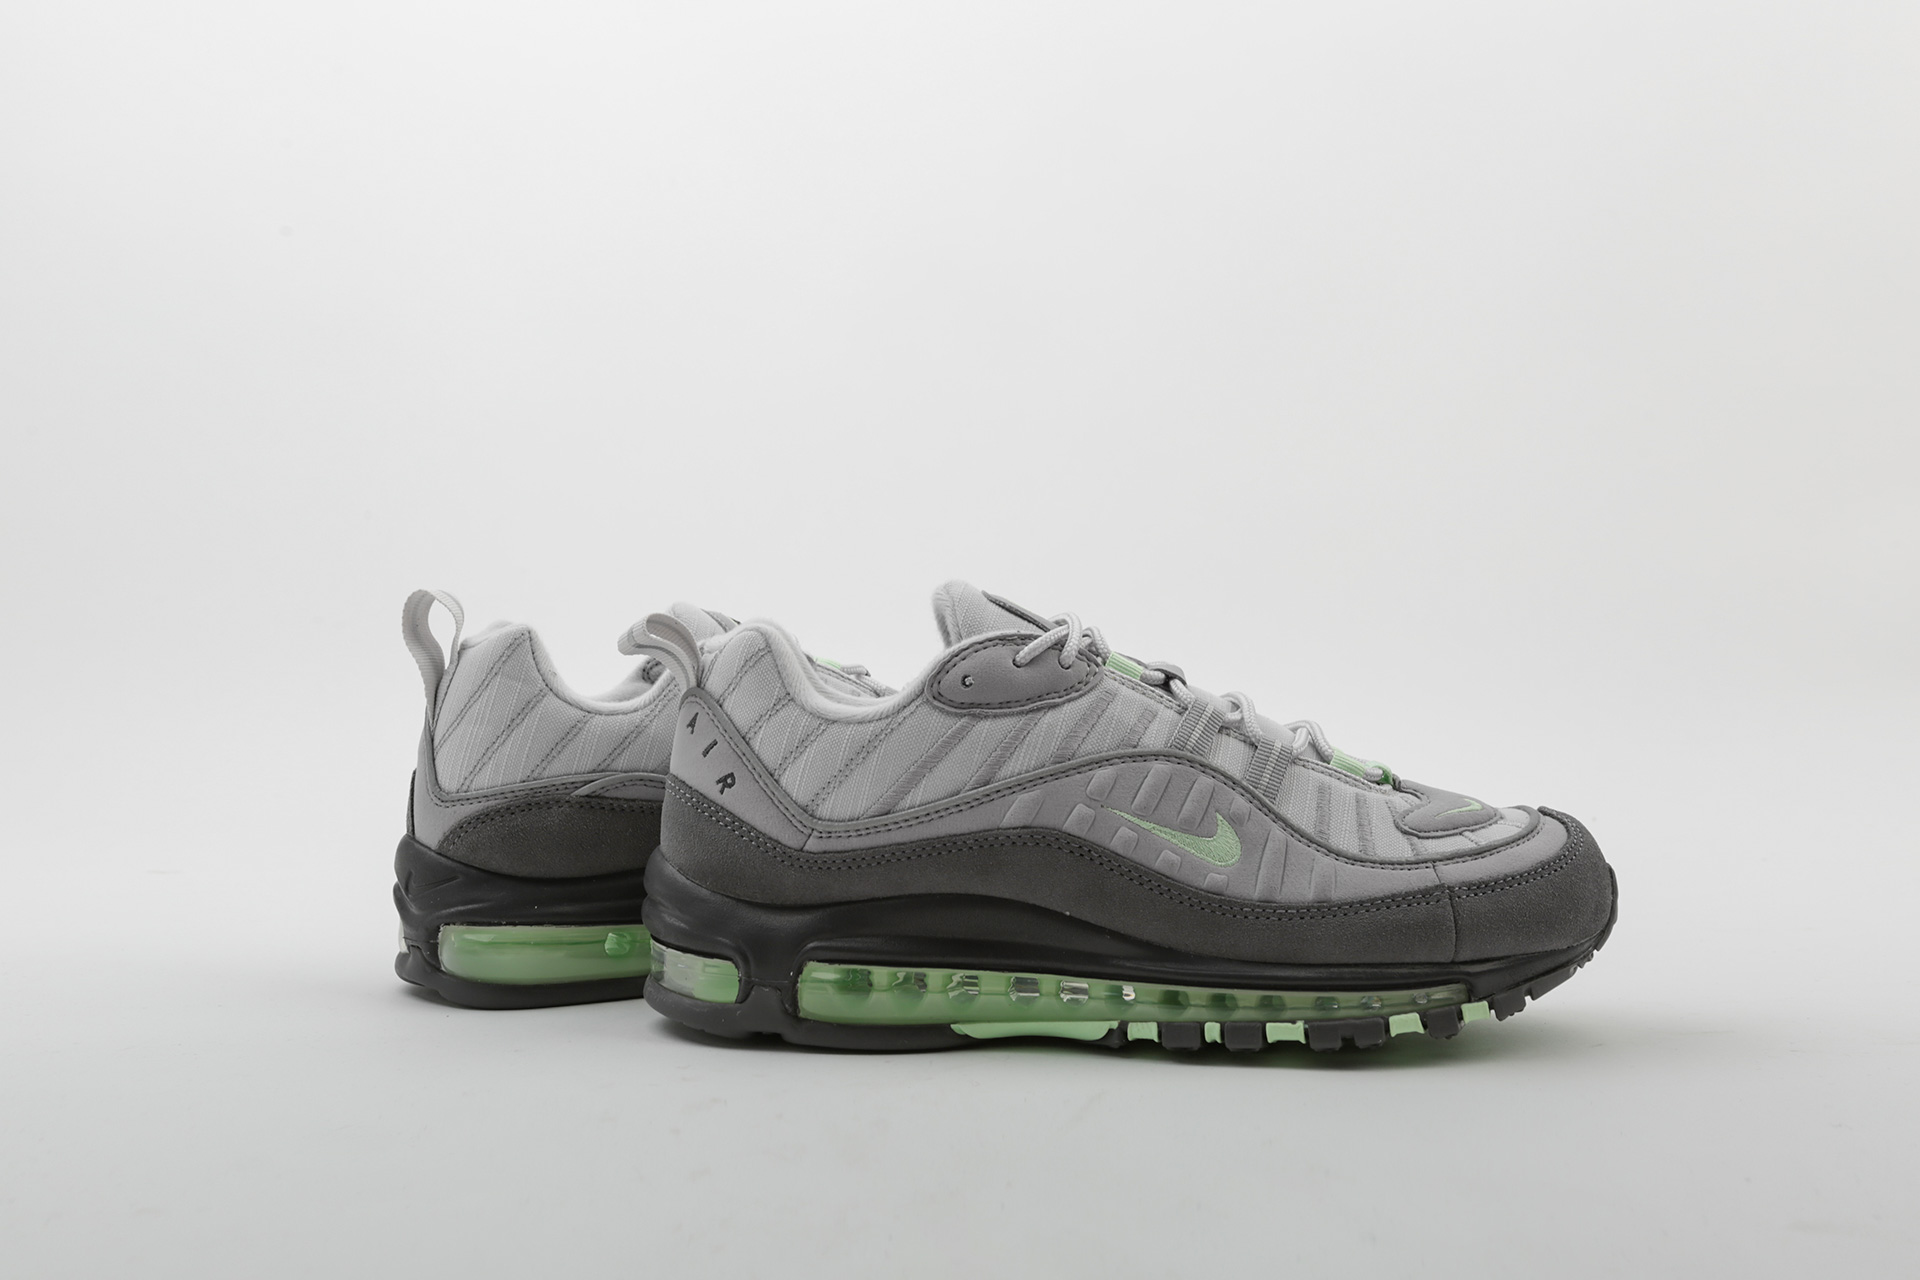 3d3a292b Купить серые мужские кроссовки Air Max 98 от Nike (640744-011) по ...